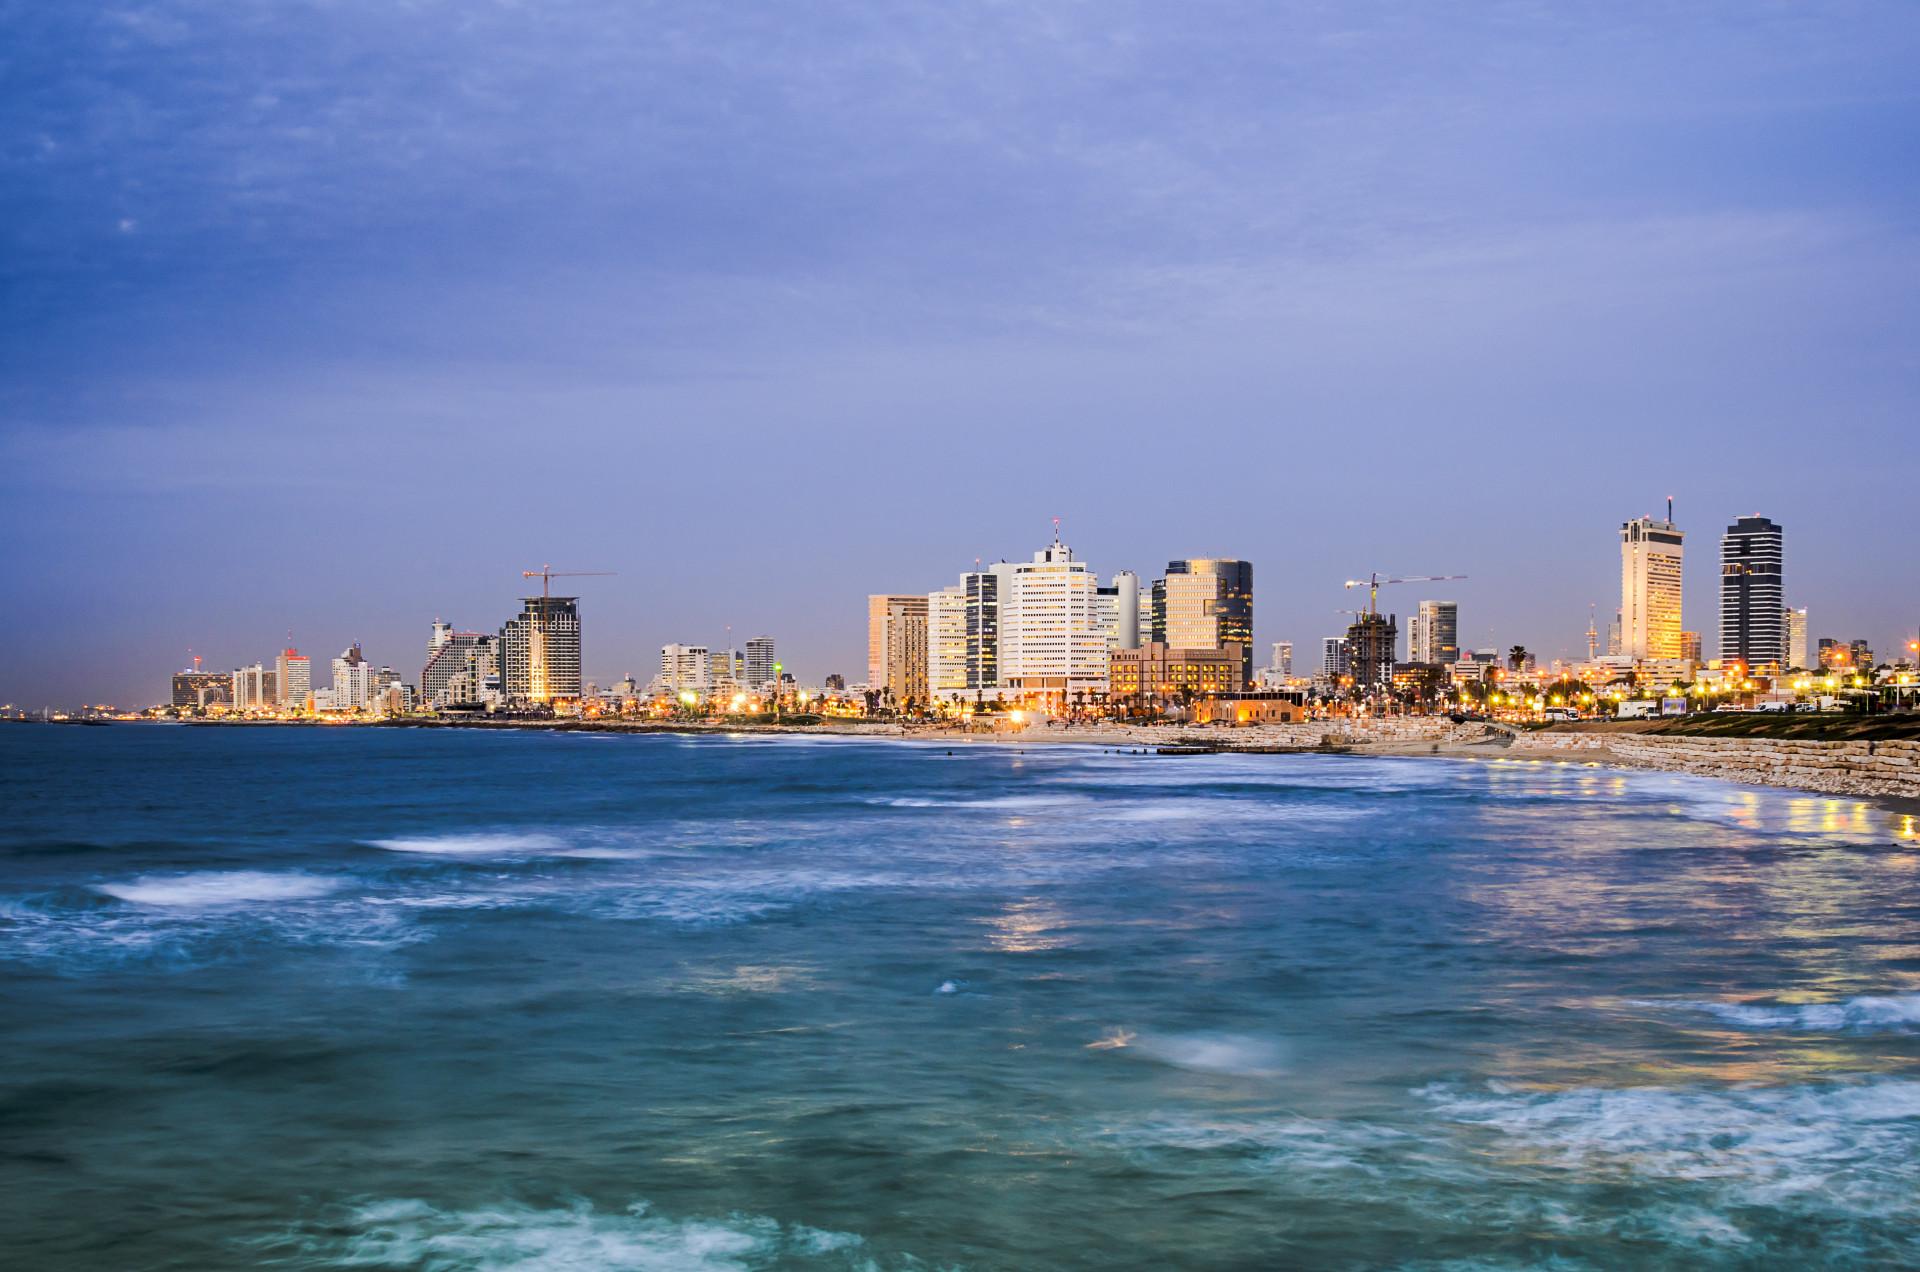 De skyline aan de kust bij Tel Aviv in Israël